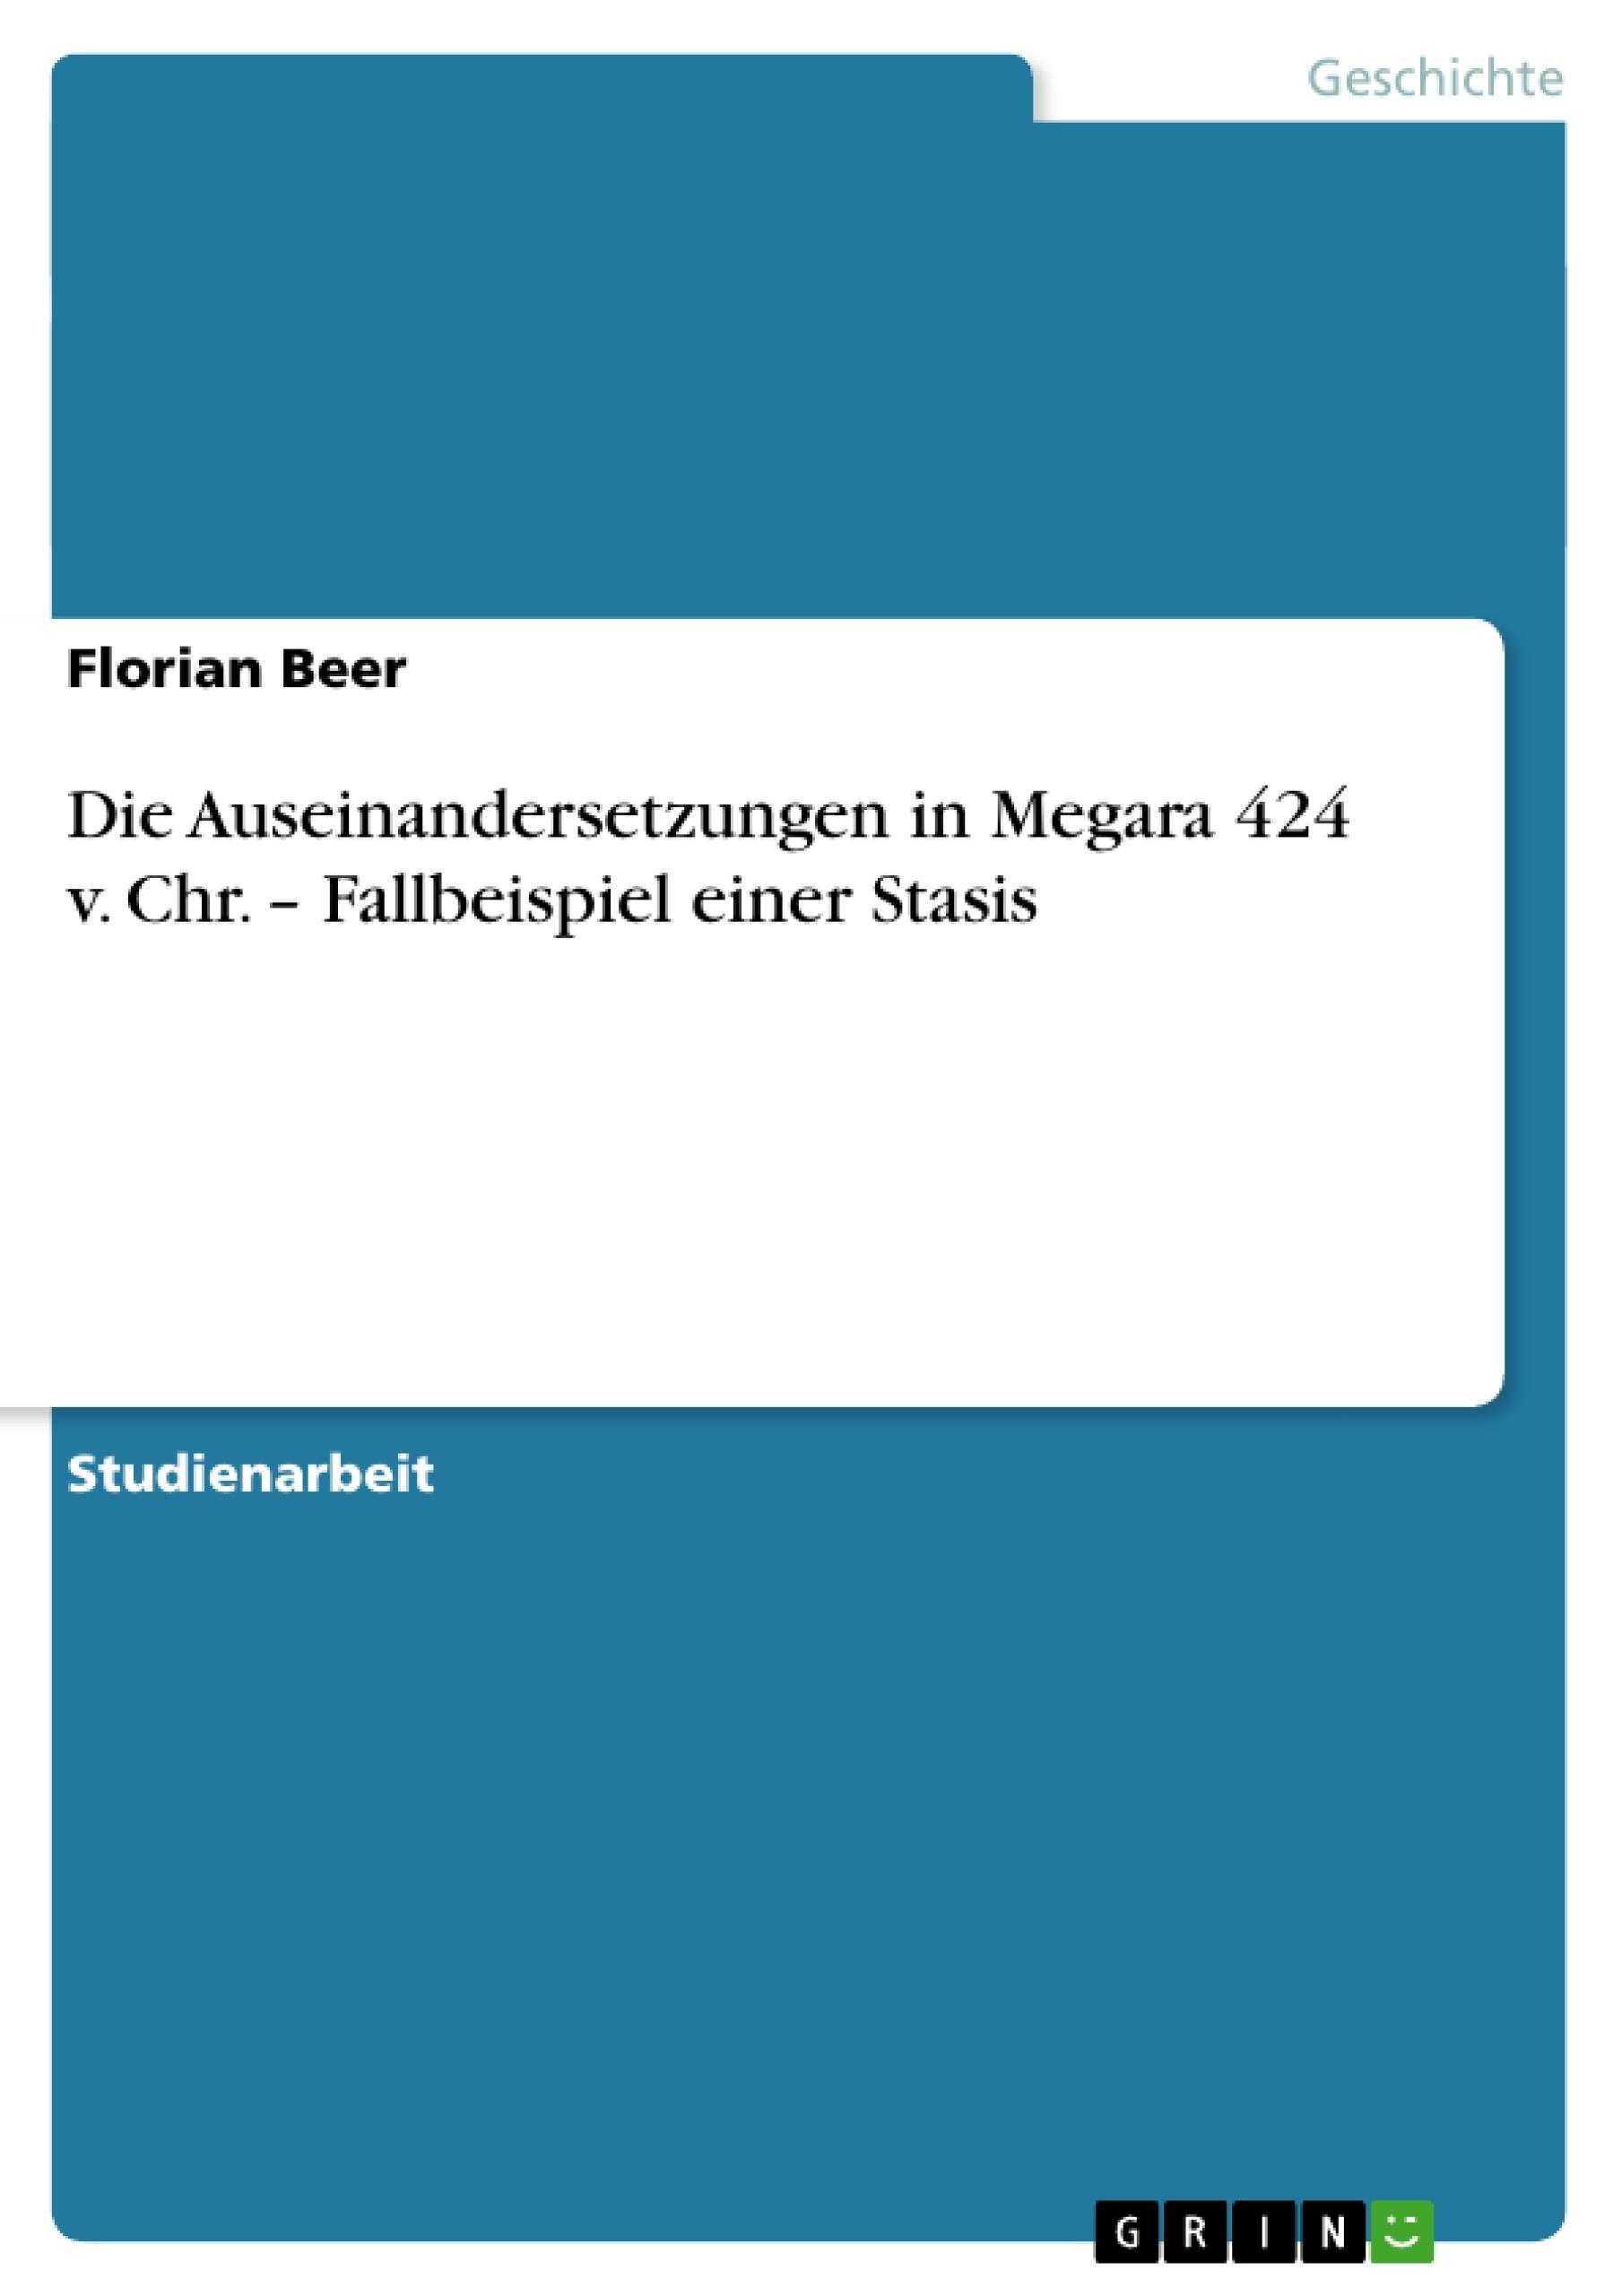 Titel: Die Auseinandersetzungen in Megara  424 v. Chr. – Fallbeispiel einer Stasis